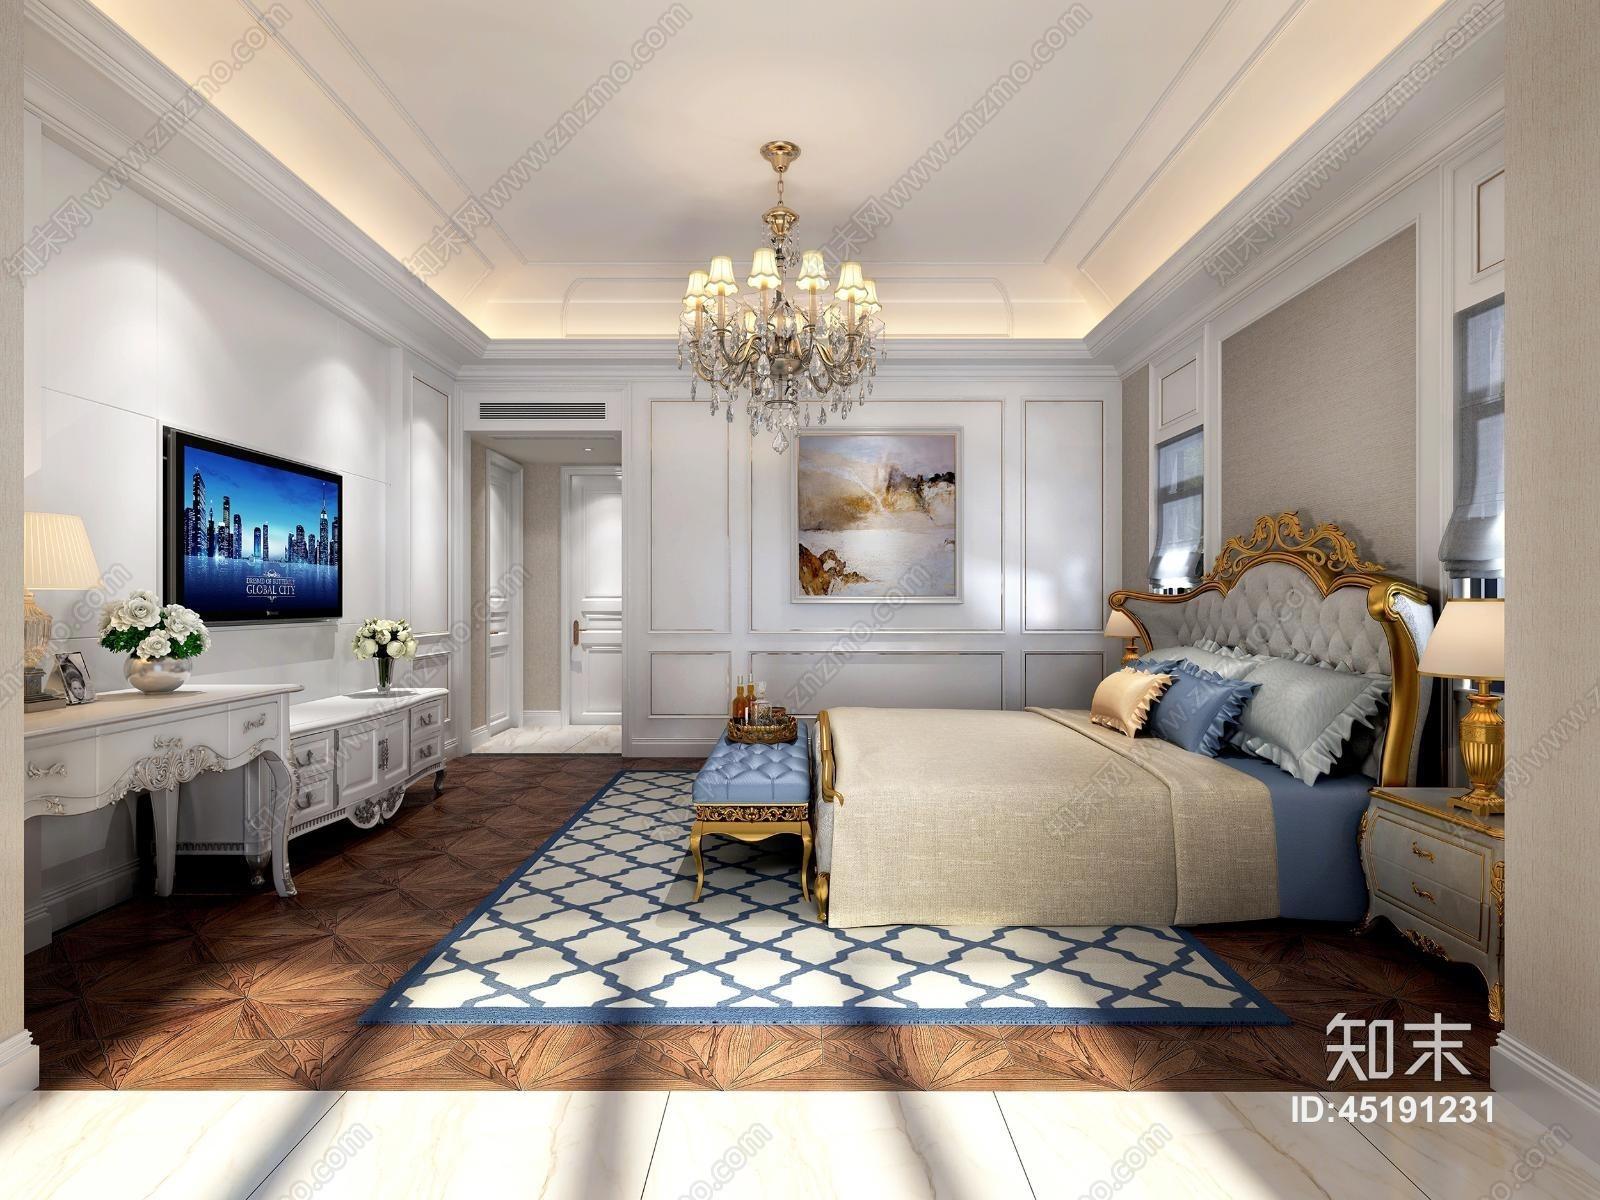 欧式简约主卧室 双人床 床尾凳 吊灯 挂画 台灯 床头柜